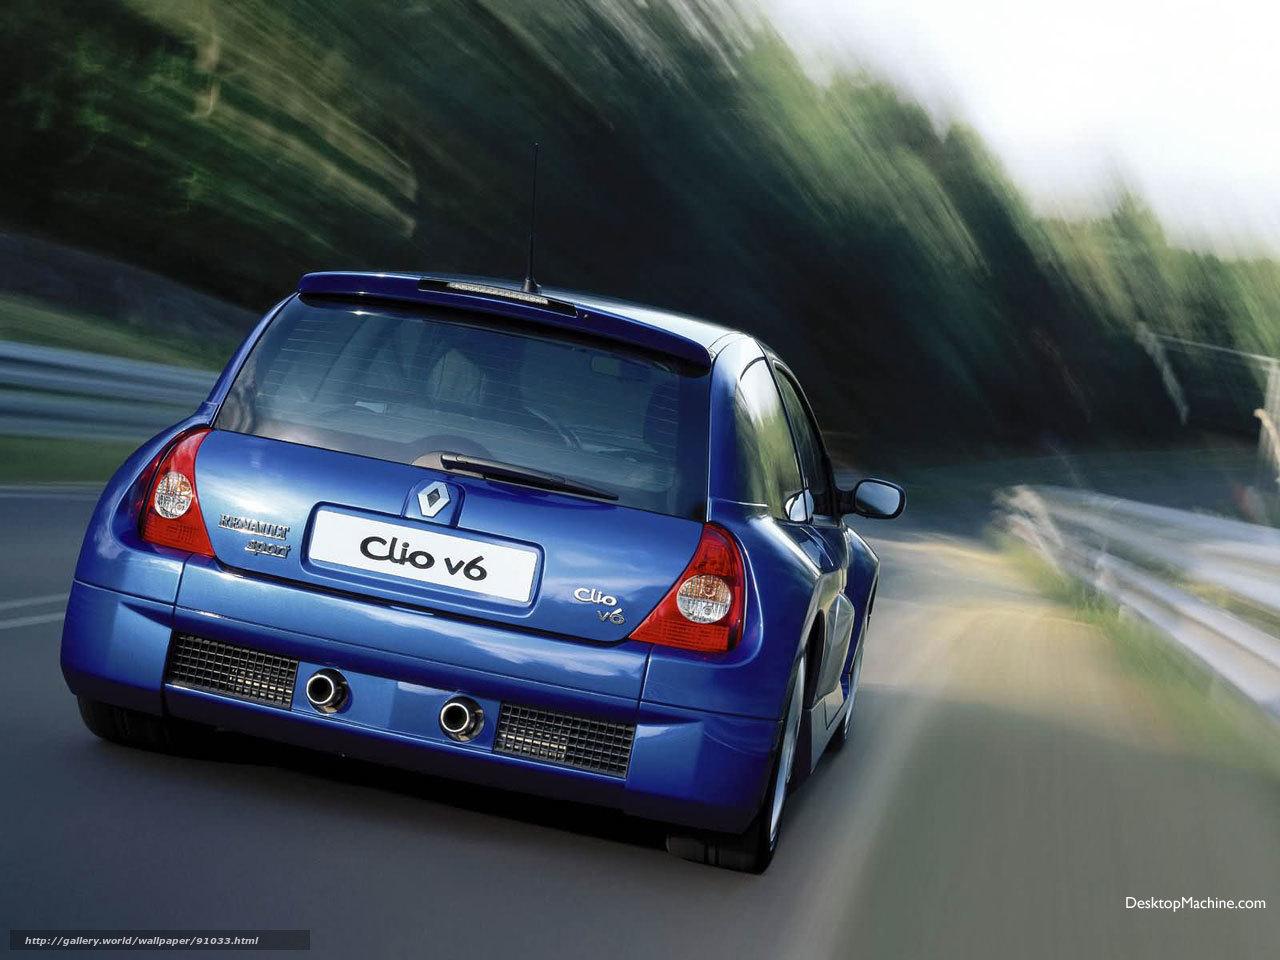 Скачать обои Renault,  Clio,  авто,  машины бесплатно для рабочего стола в разрешении 1280x960 — картинка №91033